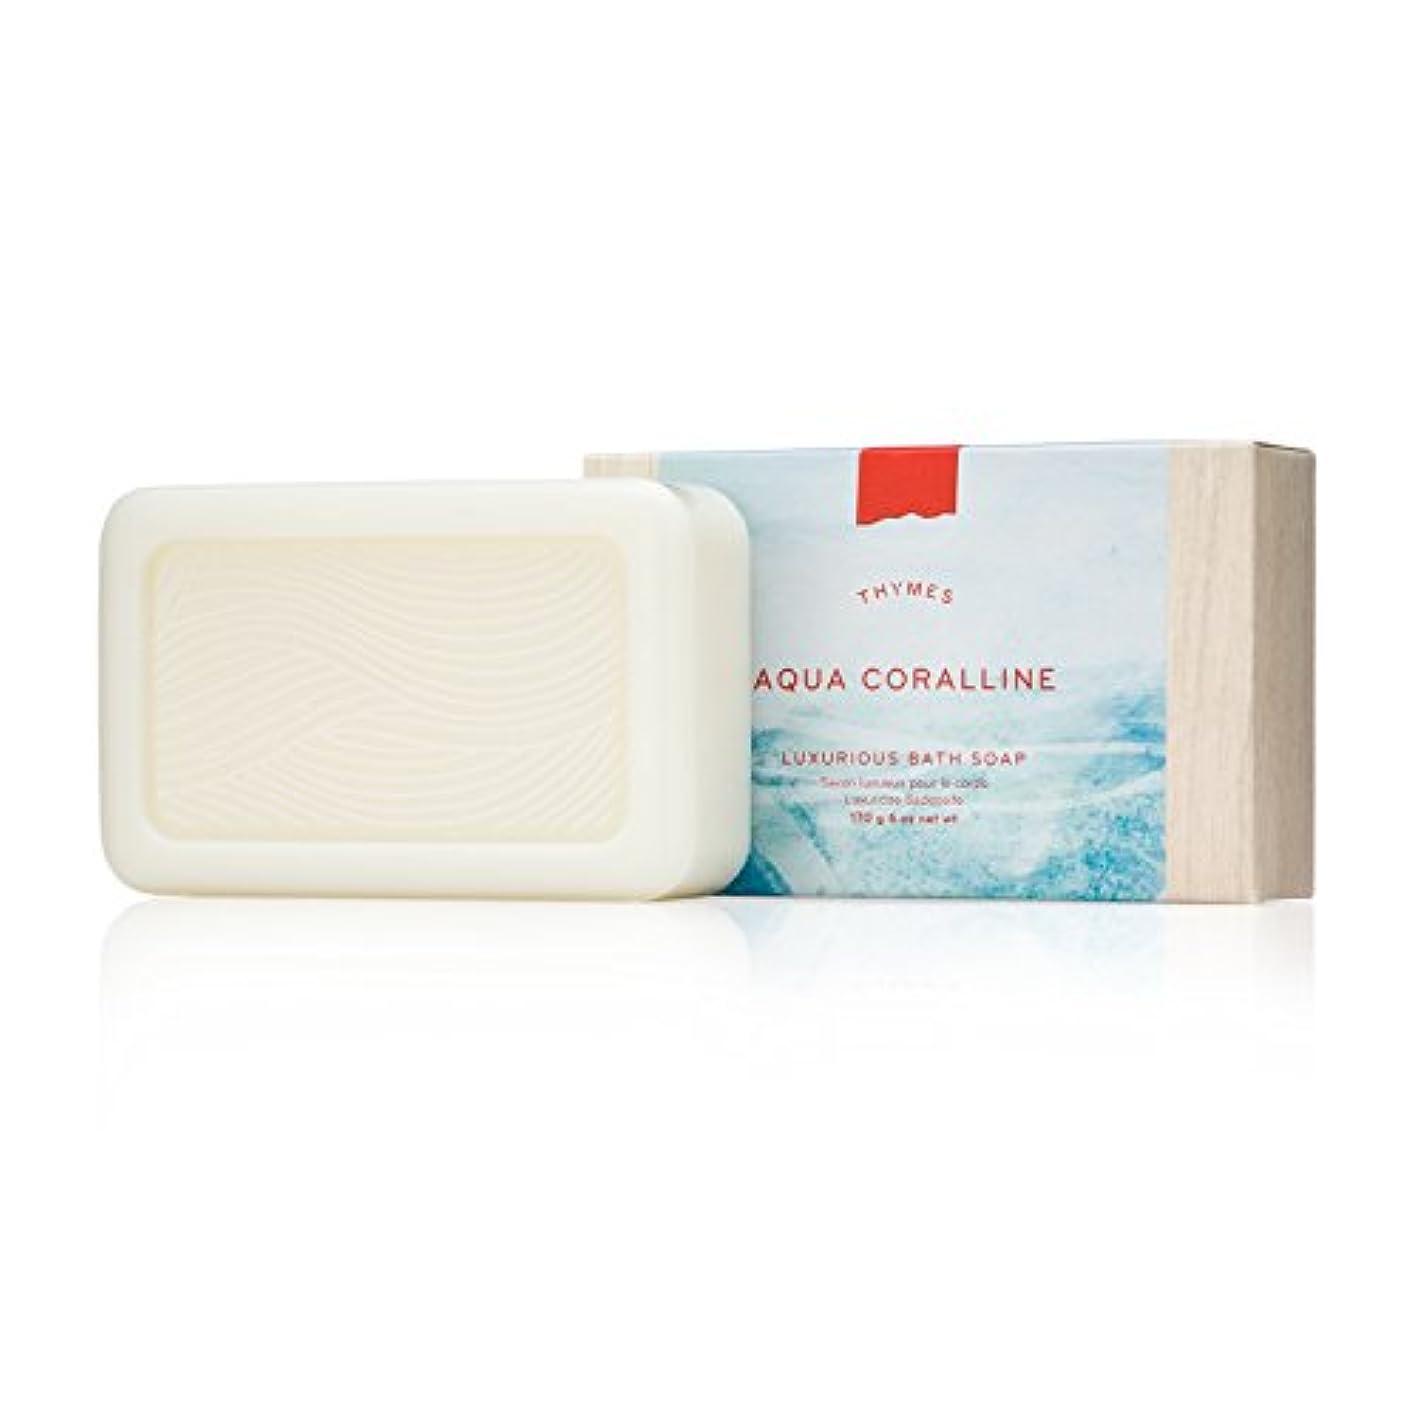 刑務所劇的可能性タイムズ Aqua Coralline Luxurious Bath Soap 170g/6oz並行輸入品